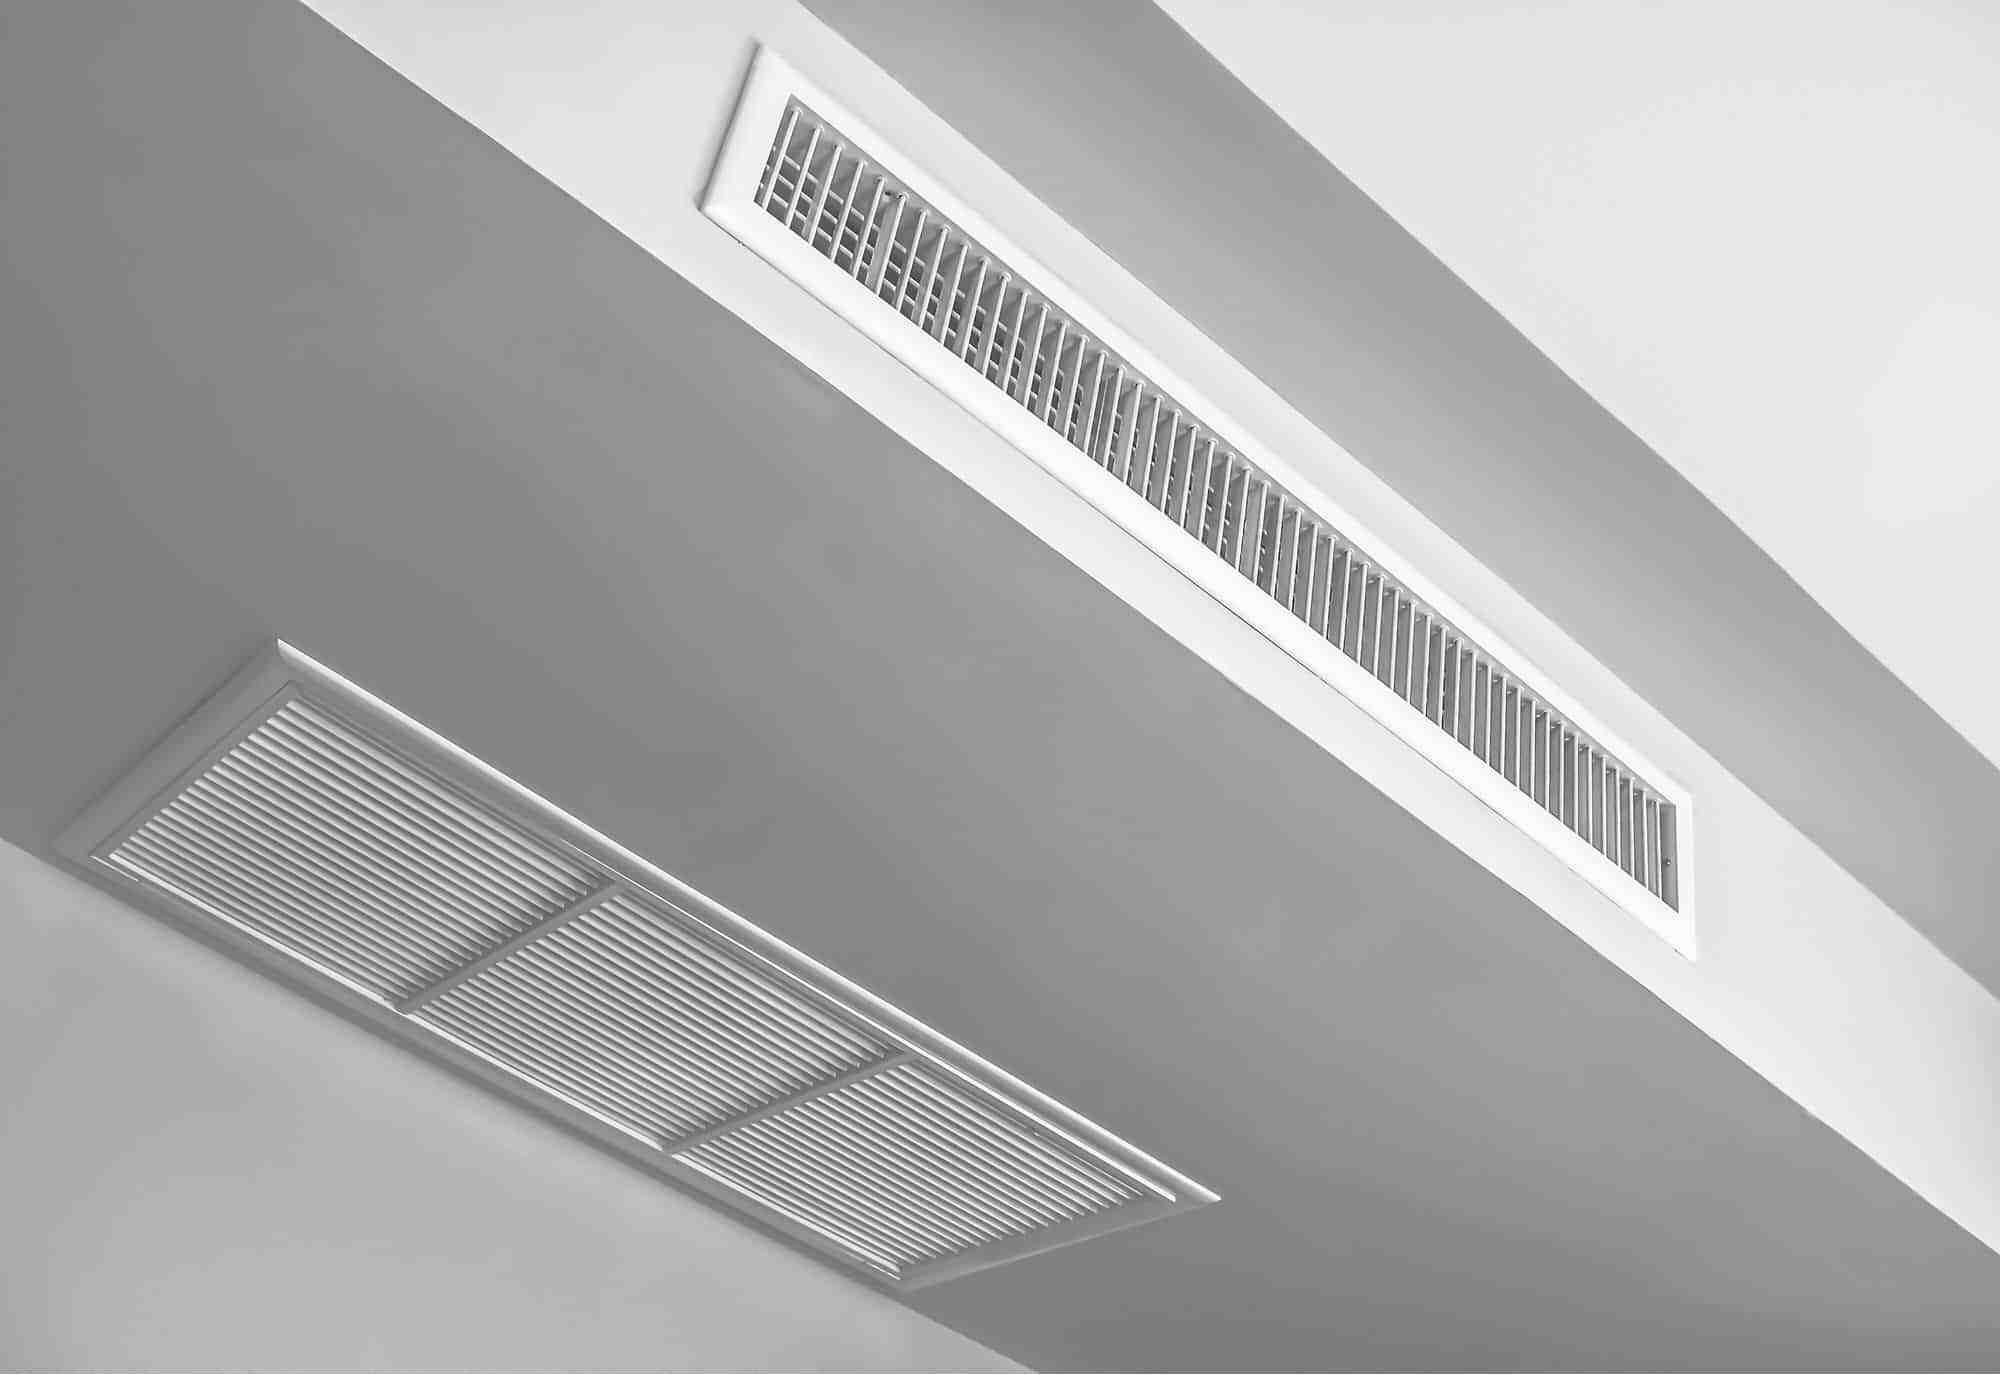 Quelle hauteur faux plafond pour clim gainable ?